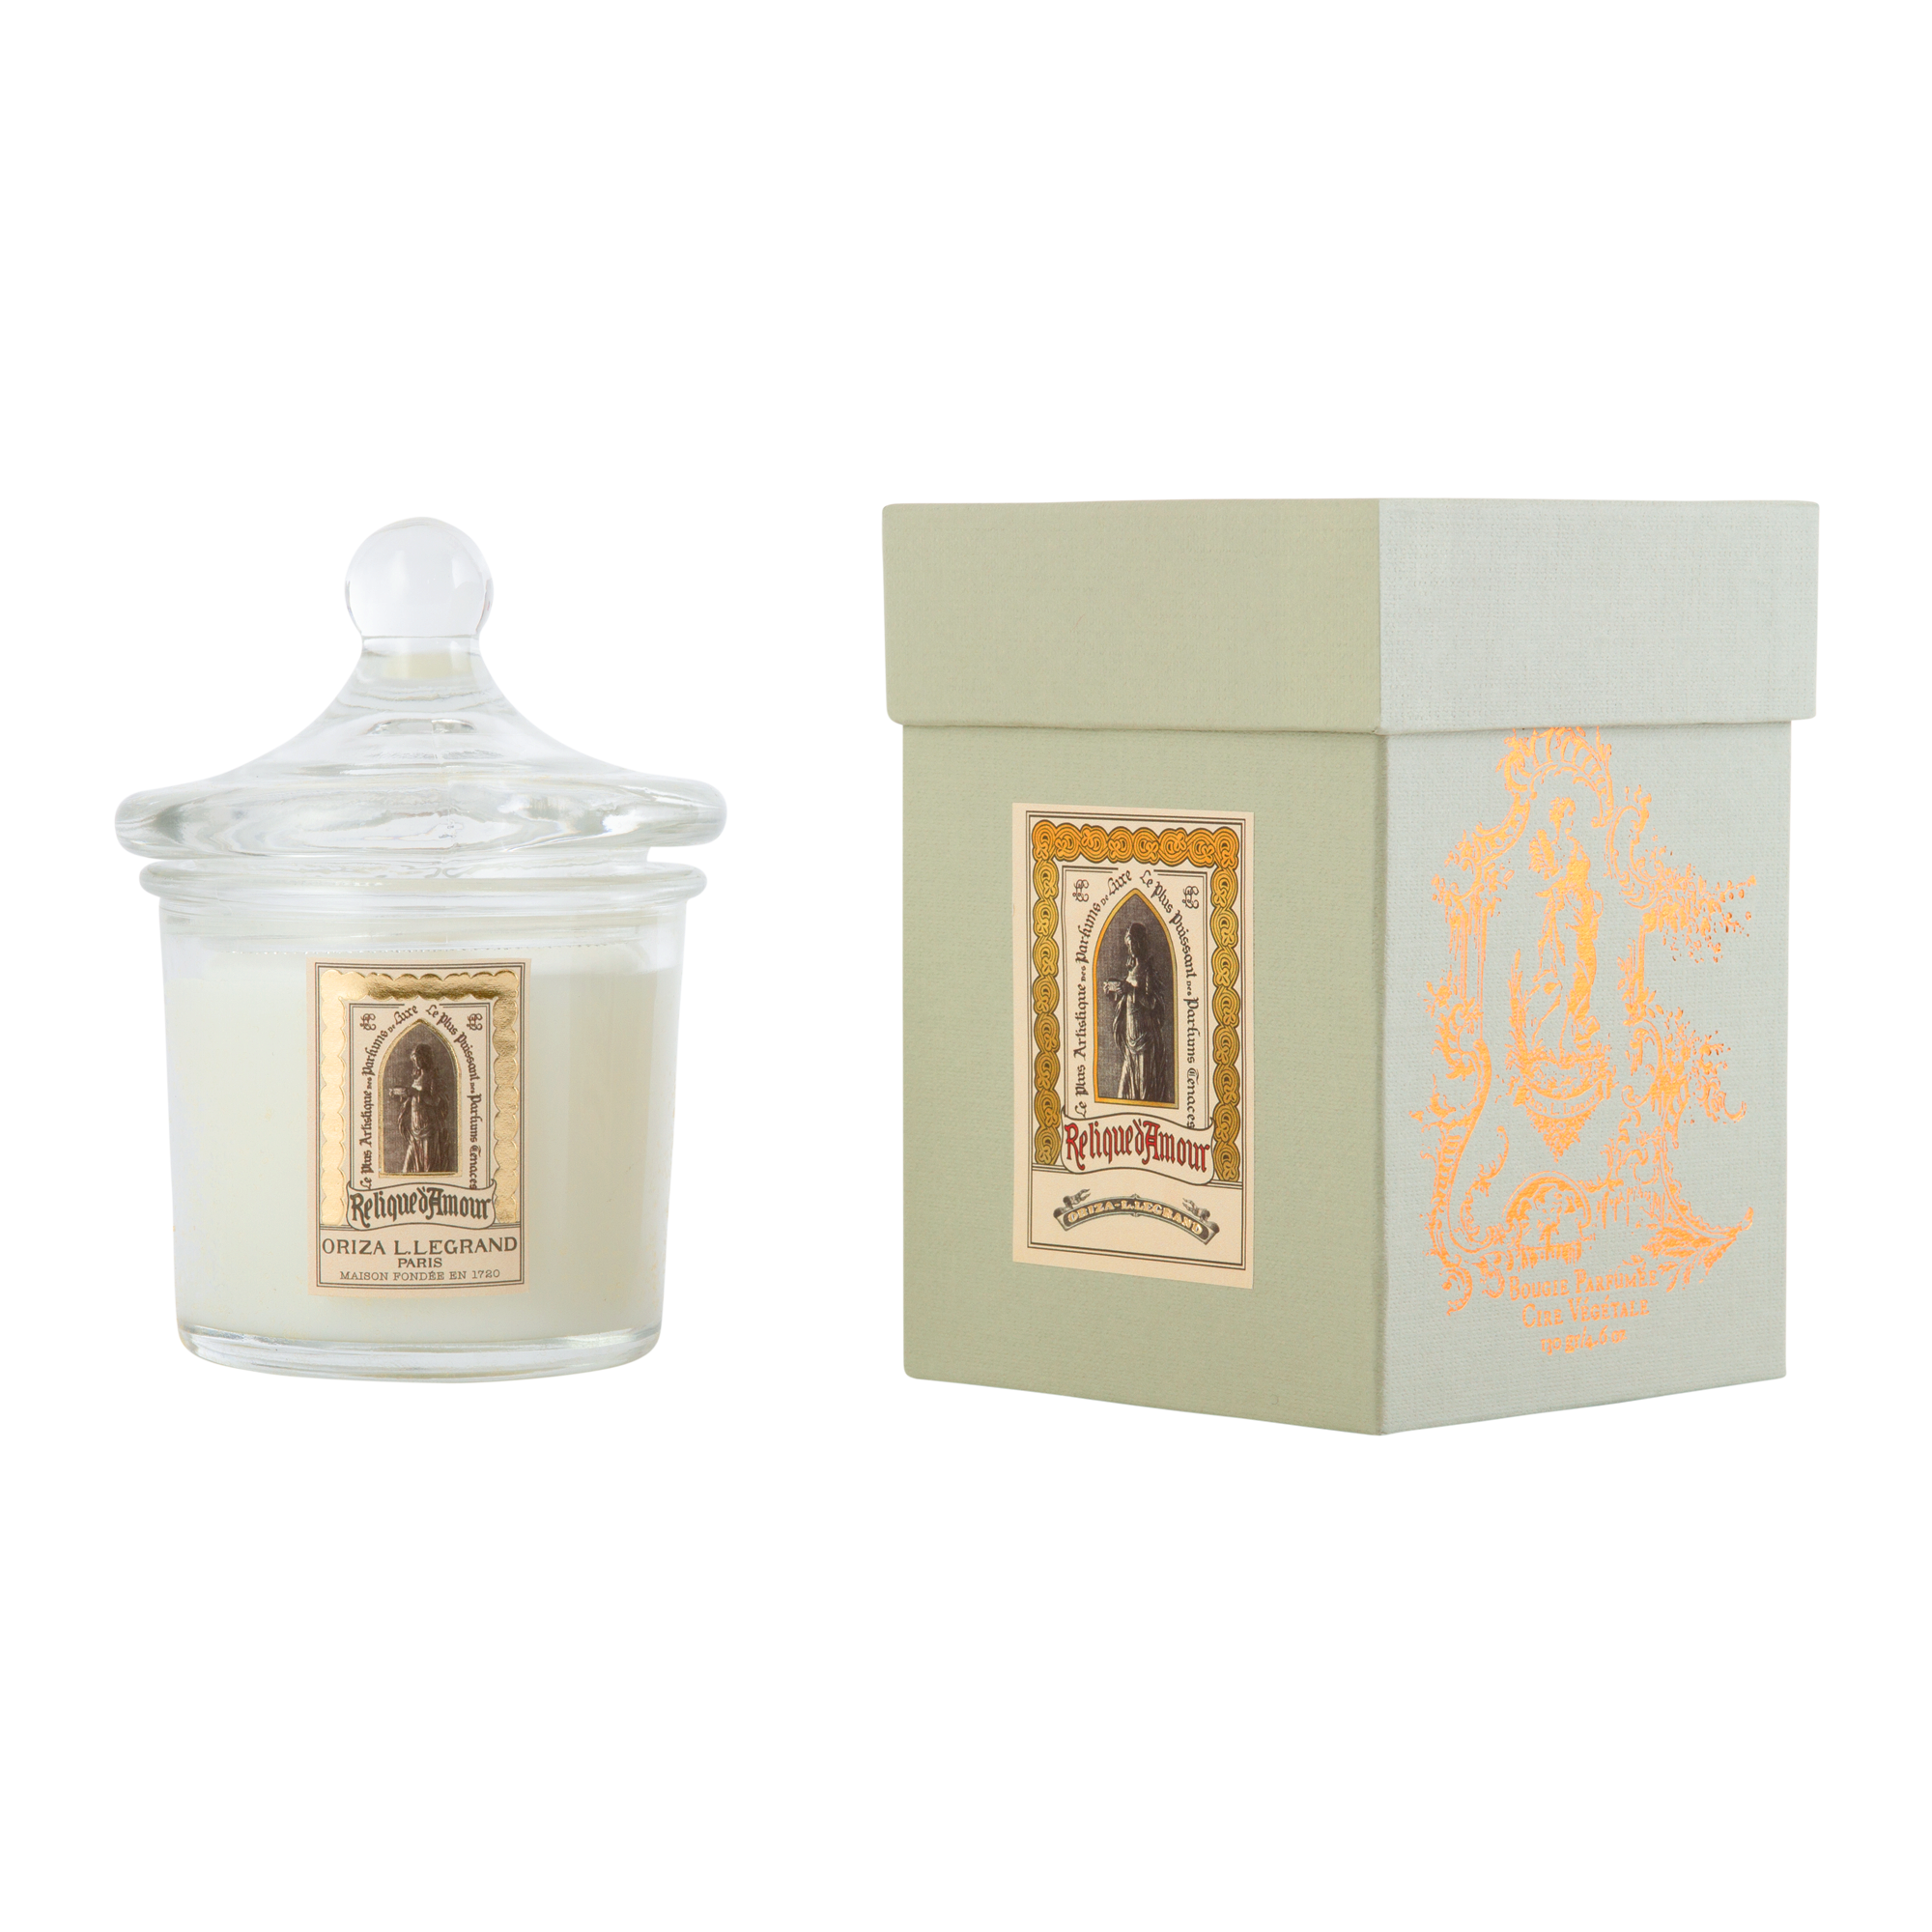 ORIZA L.LEGRAND Relique d'Amour Perfumed Candle 130 g